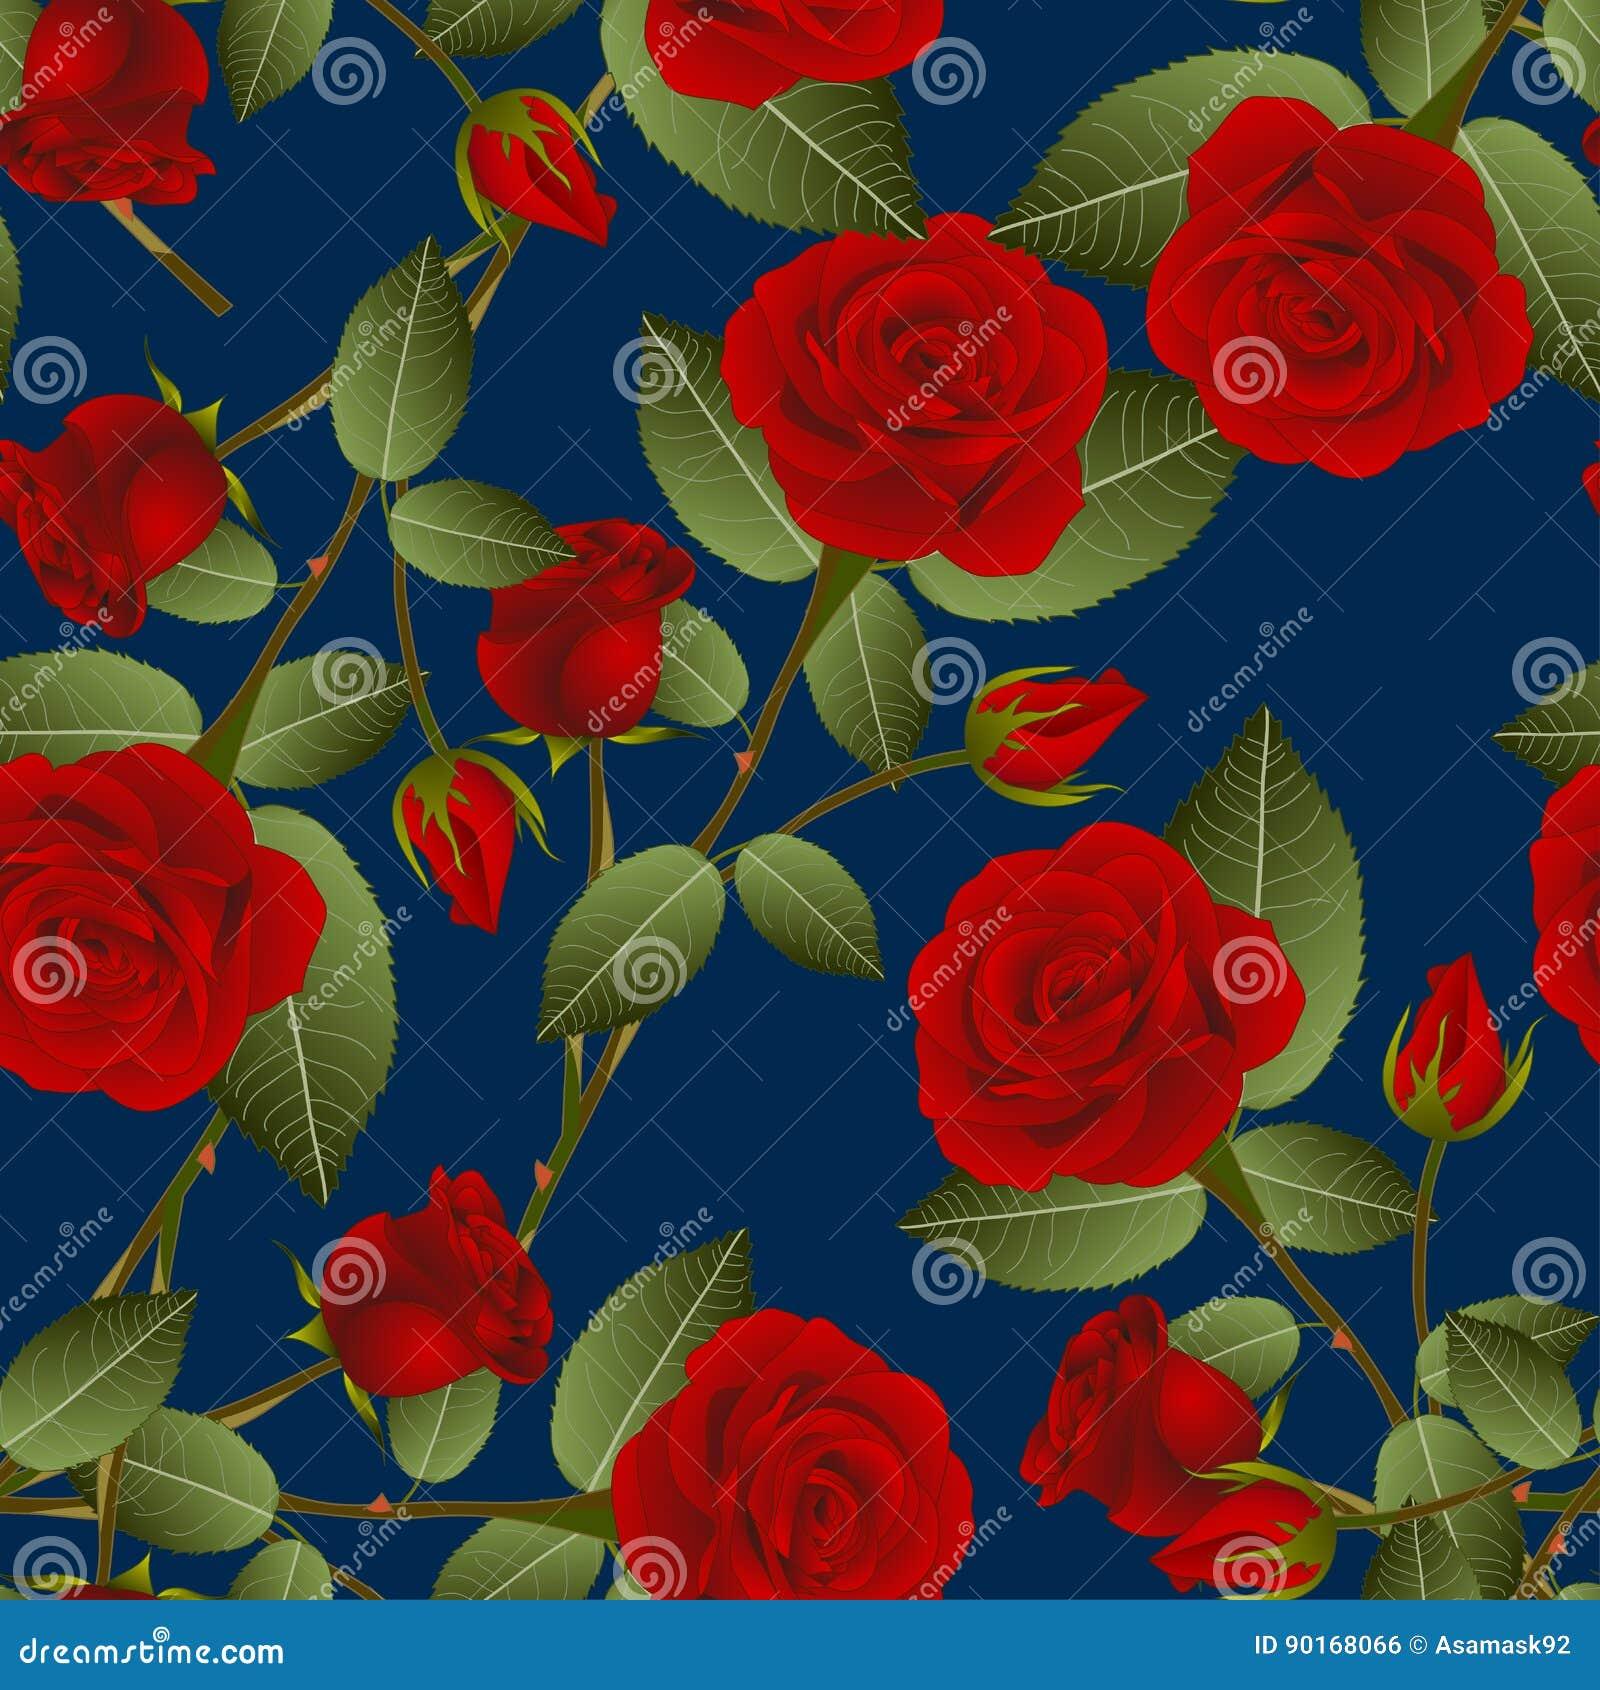 Όμορφος κόκκινος αυξήθηκε - Rosa στο μπλε υπόβαθρο λουλακιού διάνυσμα βαλεντίνων αγάπης απεικόνισης ημέρας ζευγών